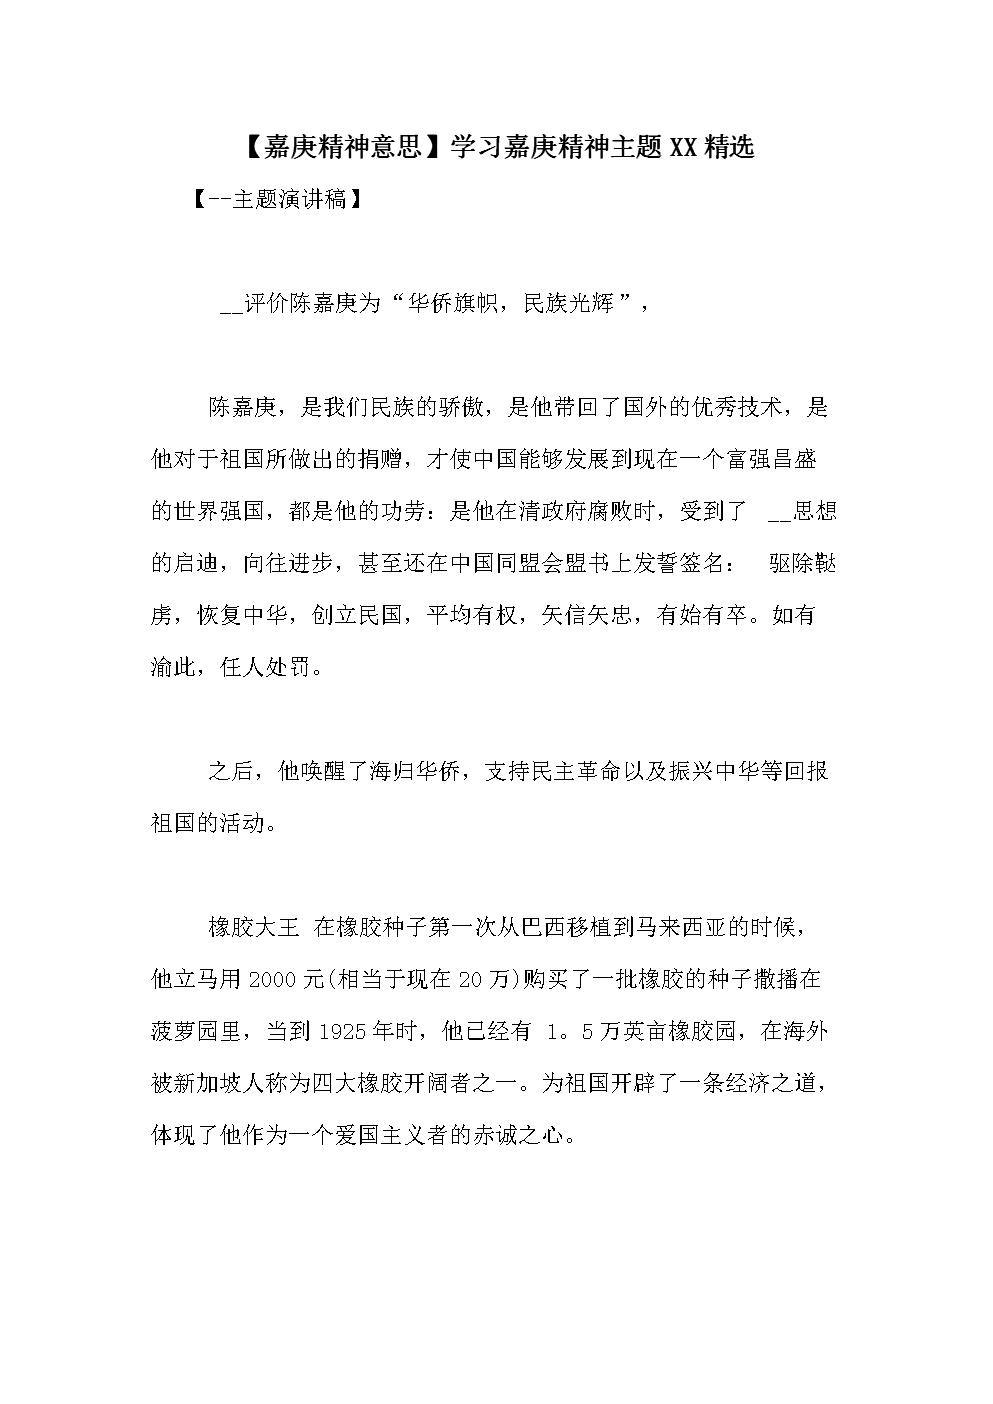 【嘉庚精神意思】学习嘉庚精神主题XX精选.doc